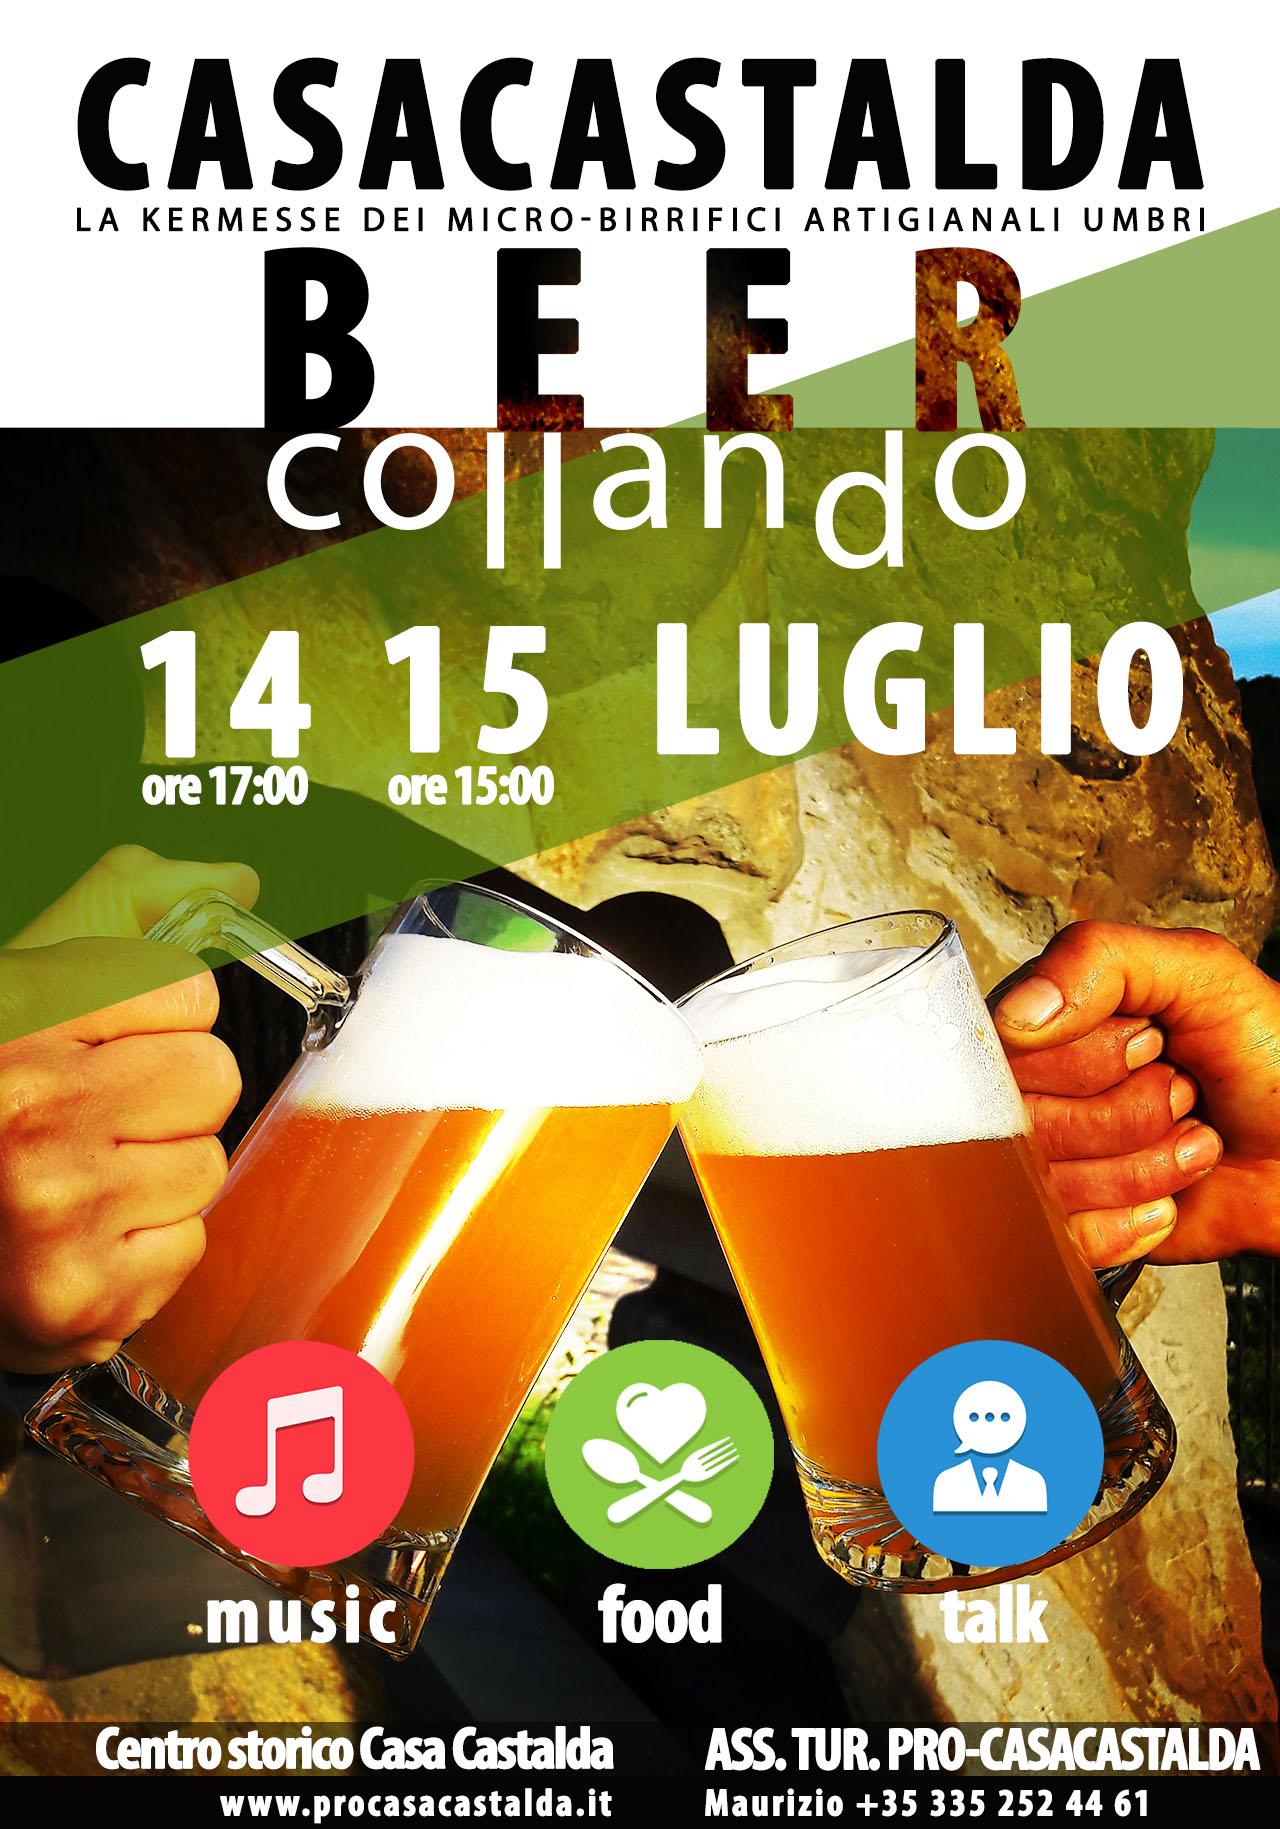 BEER-COLLANDO prima edizione evento sulla birra artigianale, Perugia, Umbria 2018